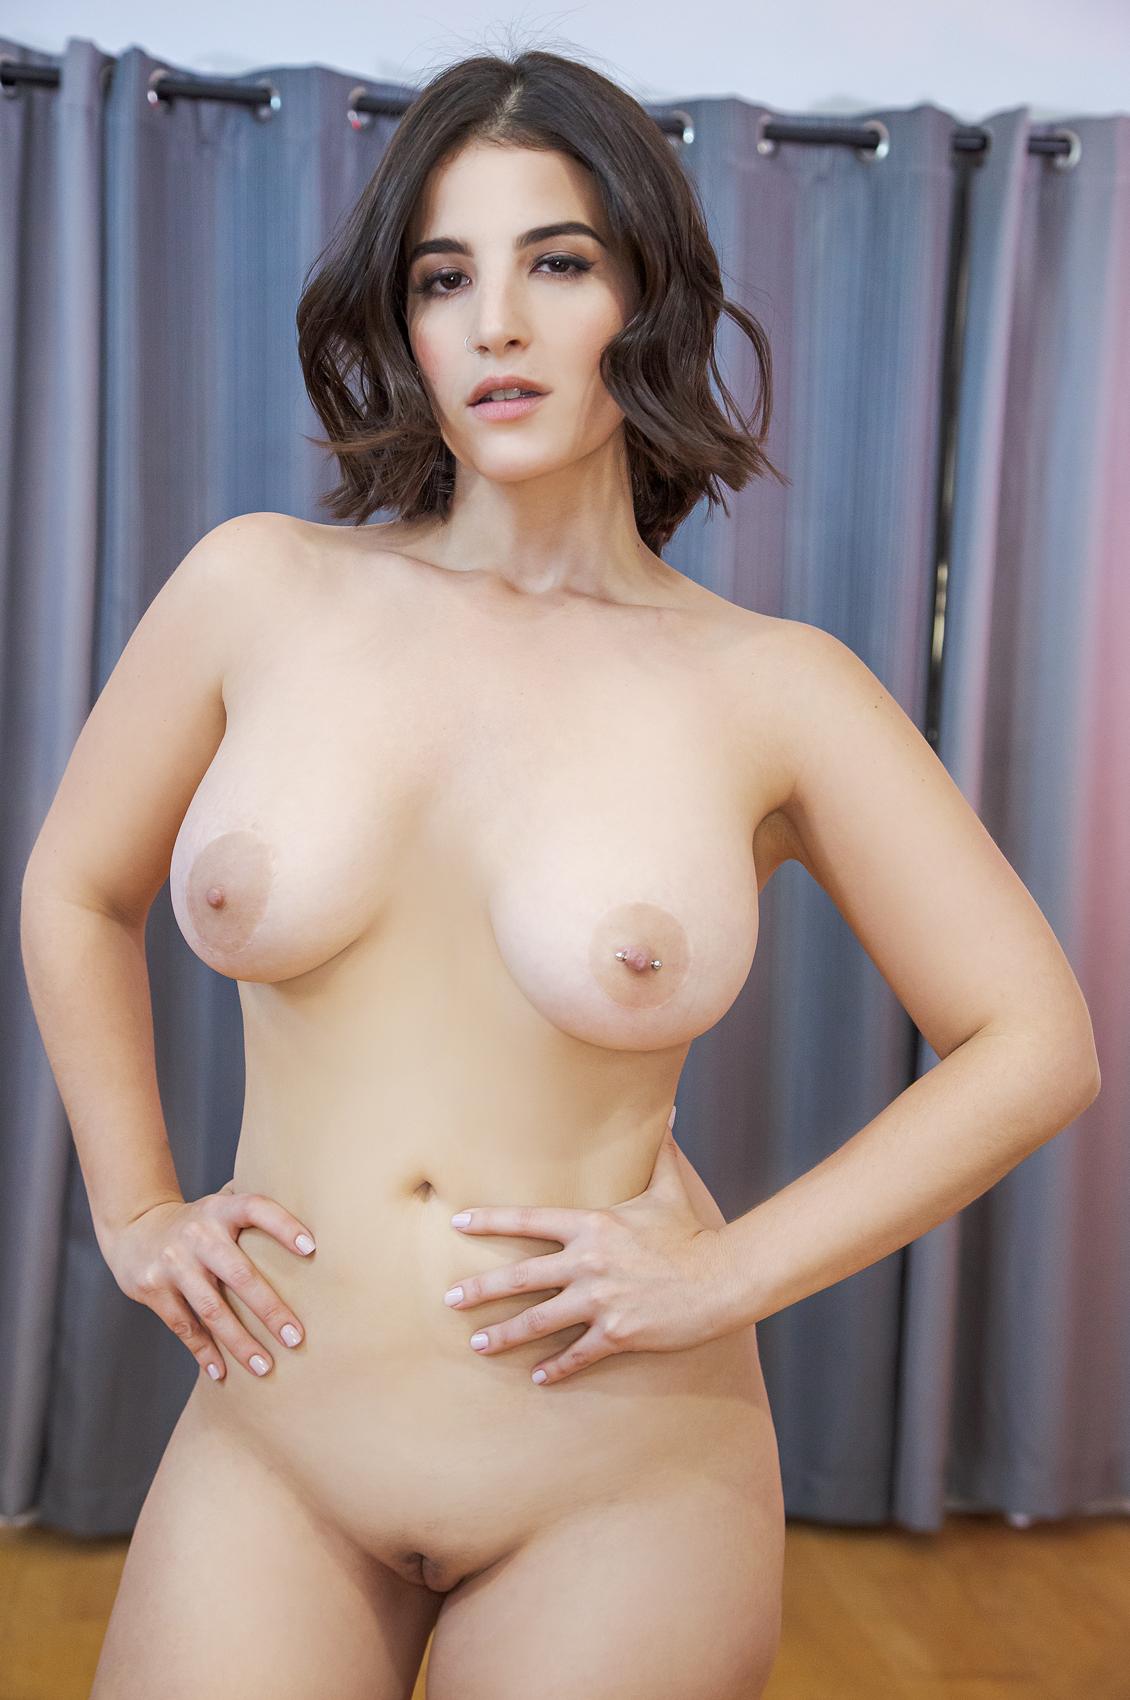 Free Nude Porn maman et fille sexe vidéo